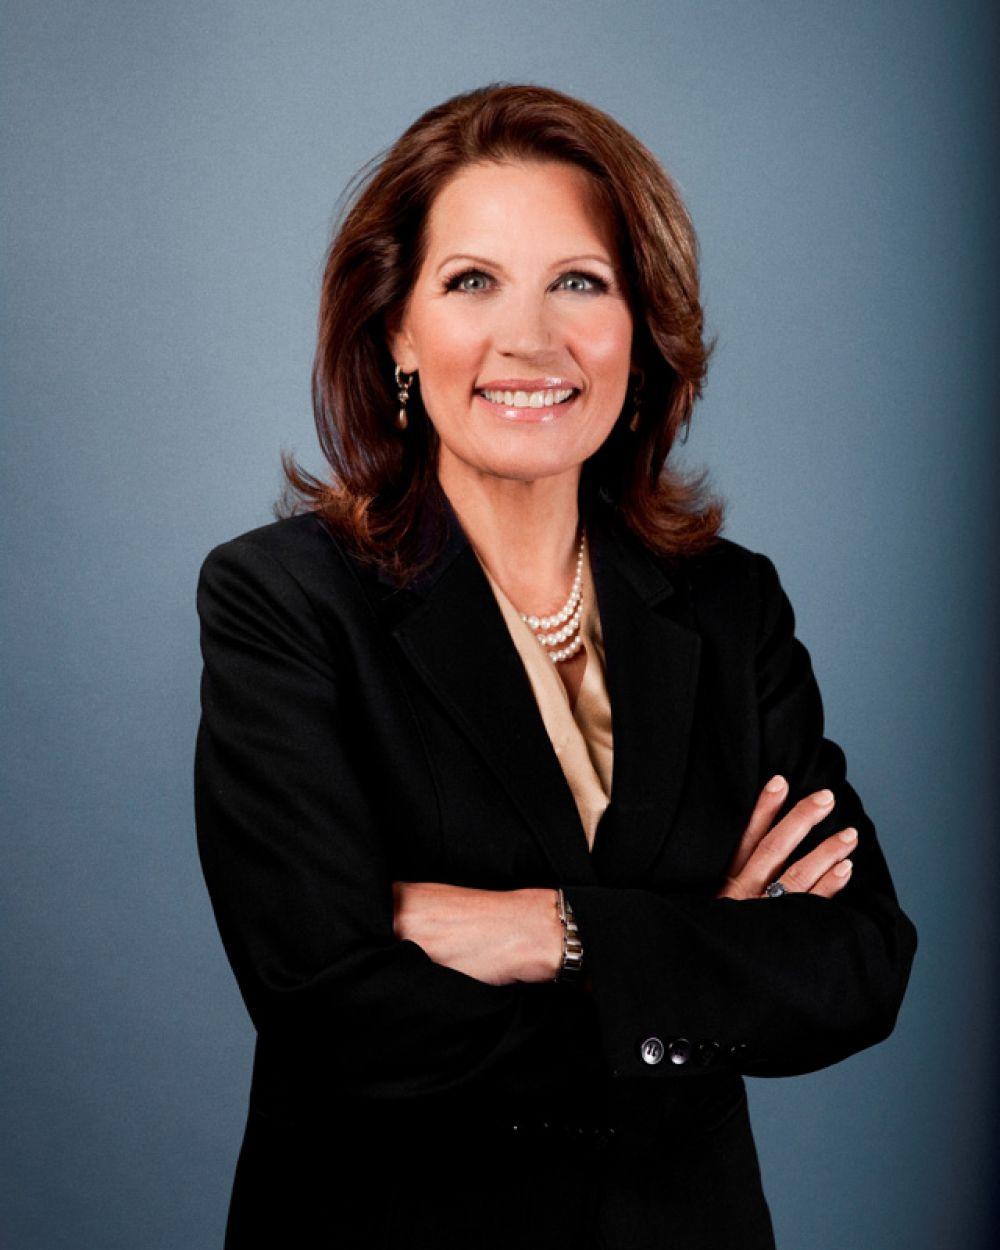 Мишель Бахман участвовала в президентских выборах 2012 года. По результатам опросов общественного мнения, из-за своей фамилии Бахман пользовалась высокой популярностью среди еврейского населения США. В начале января 2012 года она объявила о прекращении своей кампании.